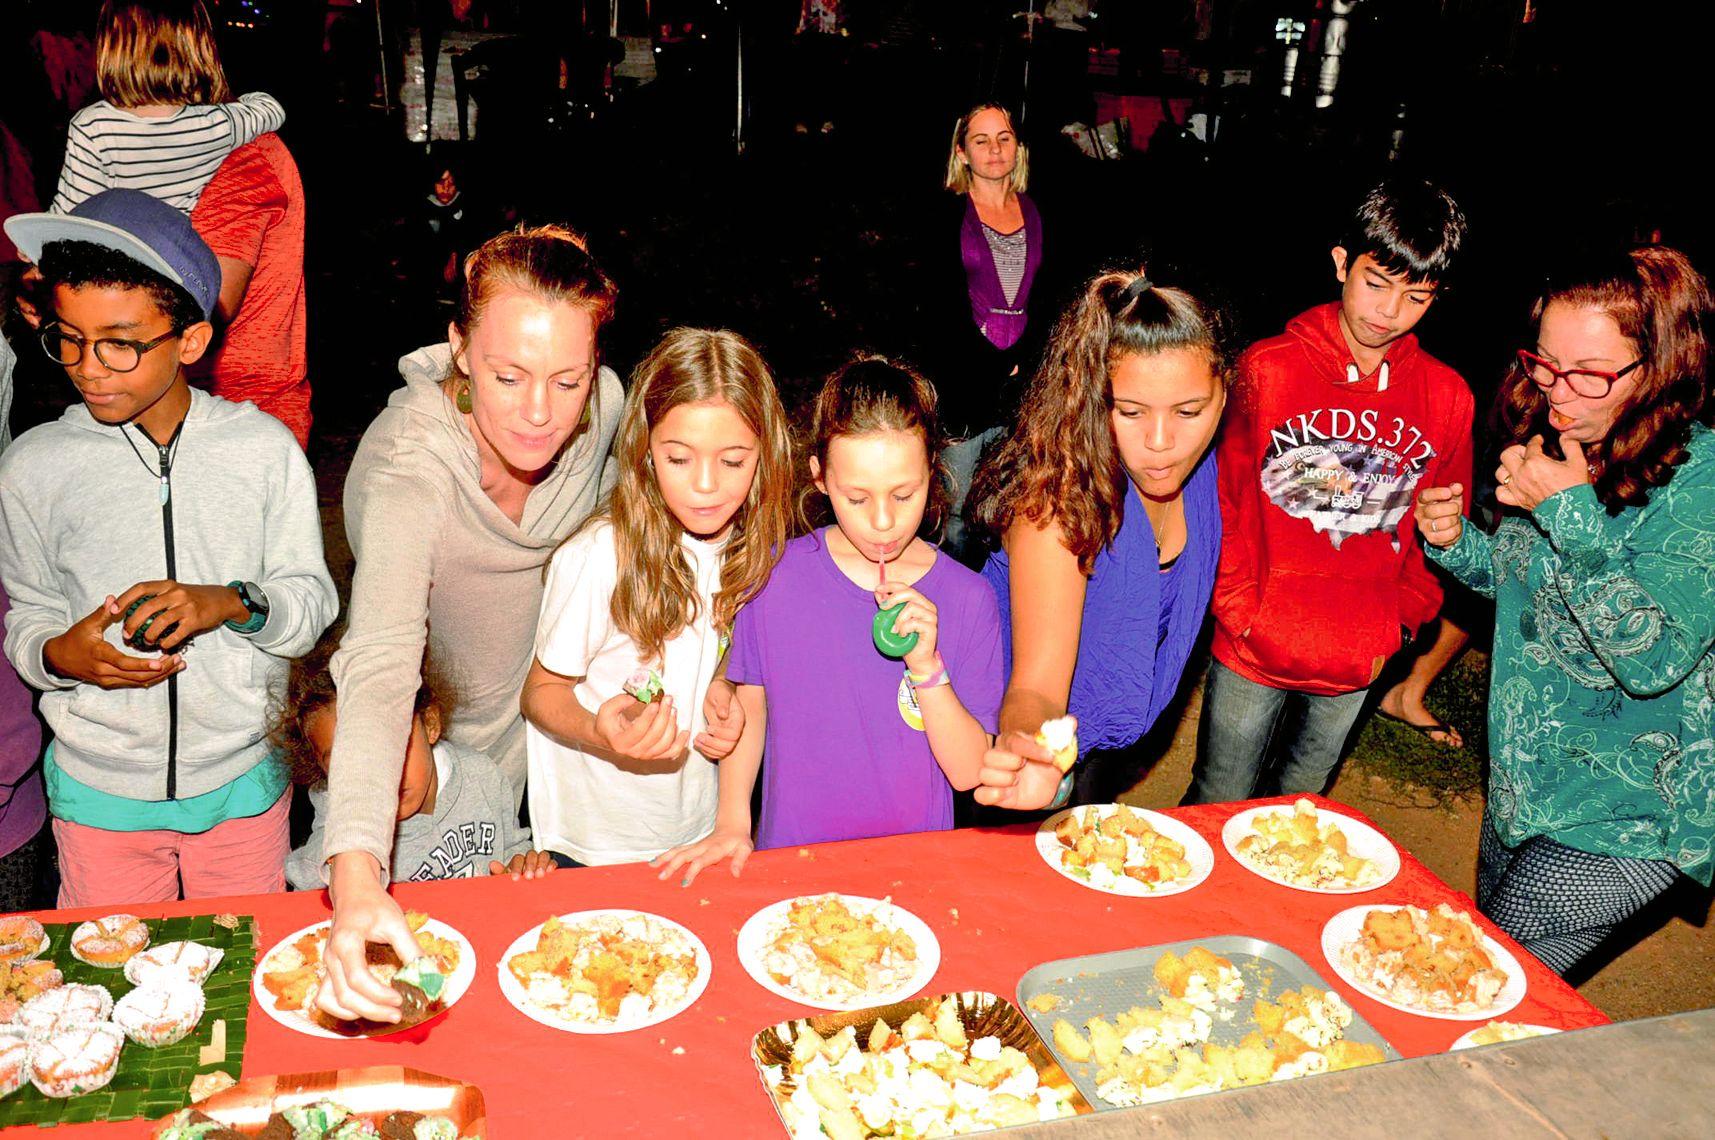 Les enfants comme les adultes ne se sont pas fait prier lorsque le feu vert a été donné par les organisateurs pour tester à leur tour les cupcakes aux odeurs et à l'allure bien tentantes.